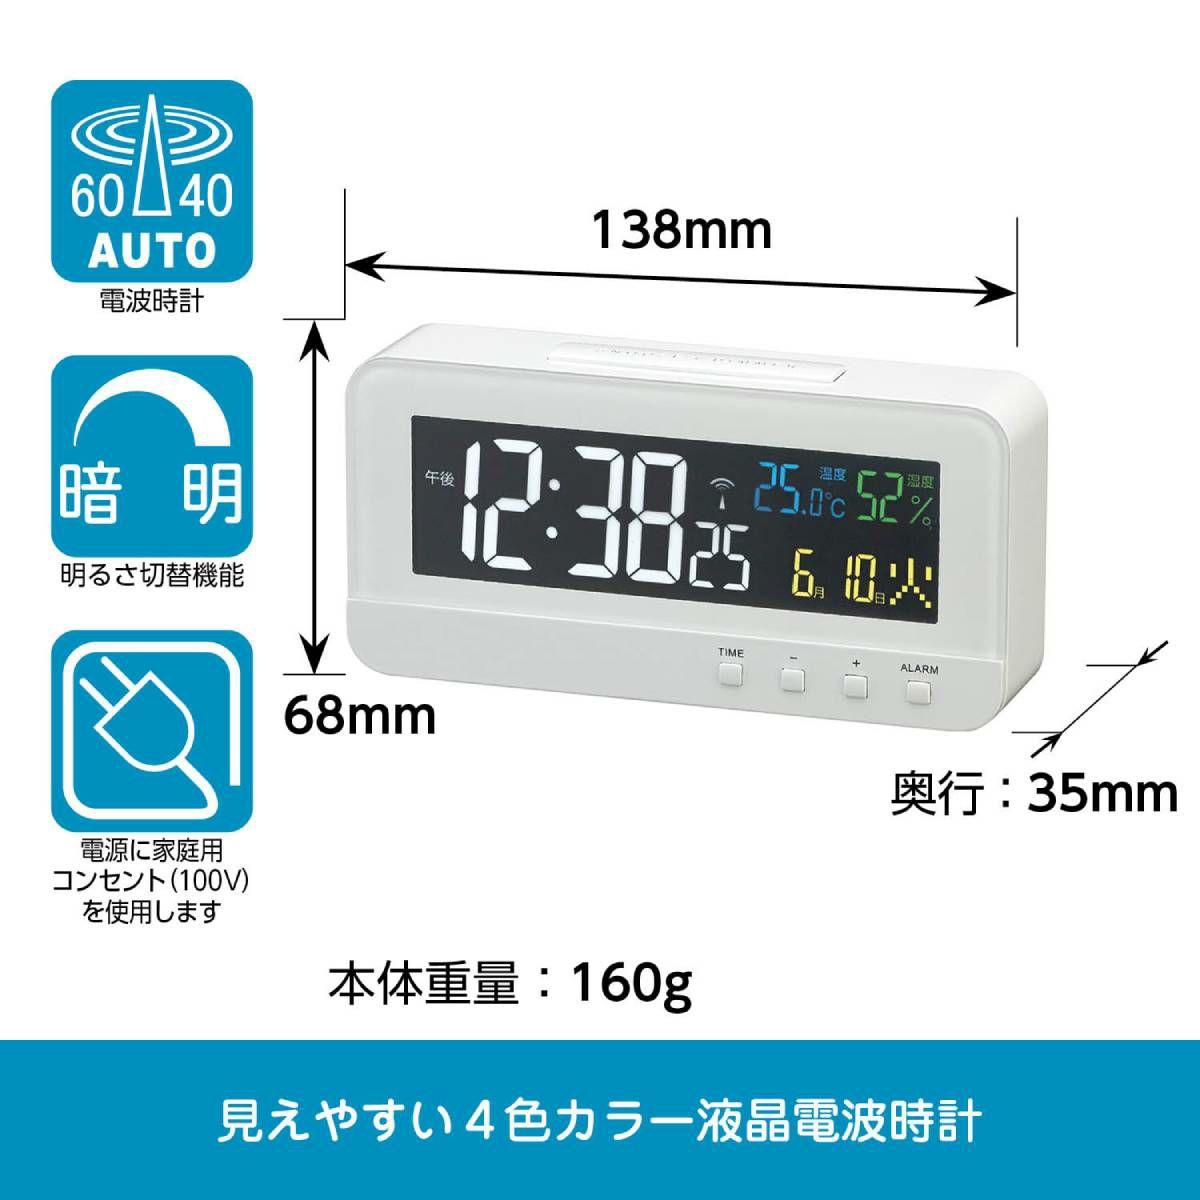 MAG(マグ) デジタル AC電源 電波 置時計 目覚まし時計 温度 湿度 カレンダー カラーハープ ホワイト 1台 おしゃれ 一人暮らし みやすい